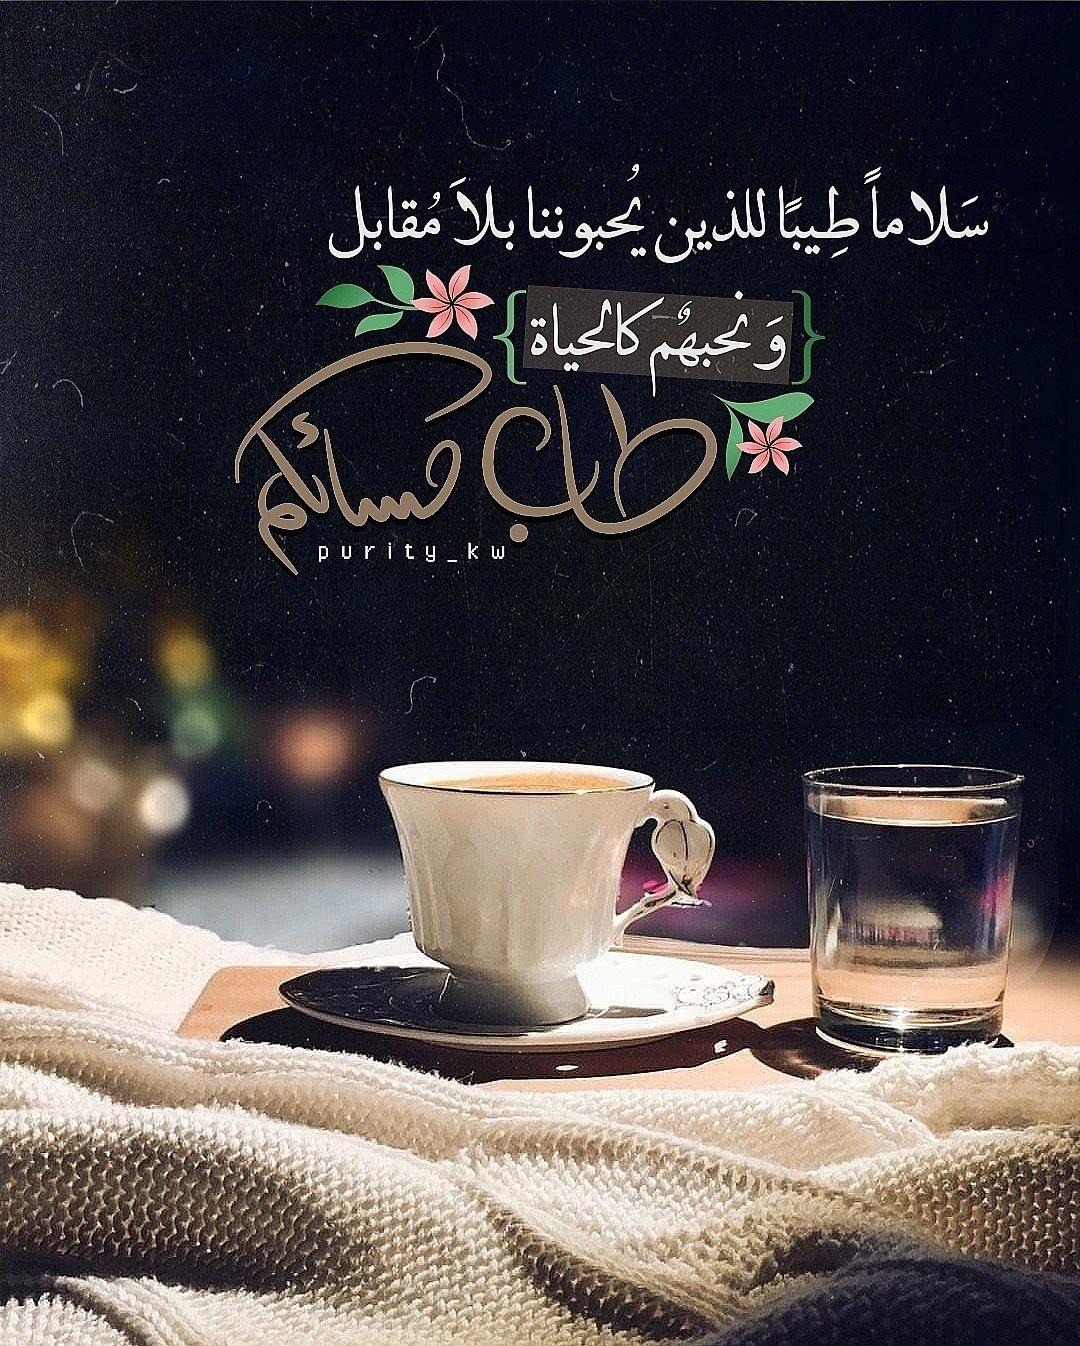 سلاما طيبا للذين يحبونا بدون مقابل ونحبهم كالحياة طاب مسائكم بكل خير Good Night Messages Good Evening Wishes Good Morning Arabic